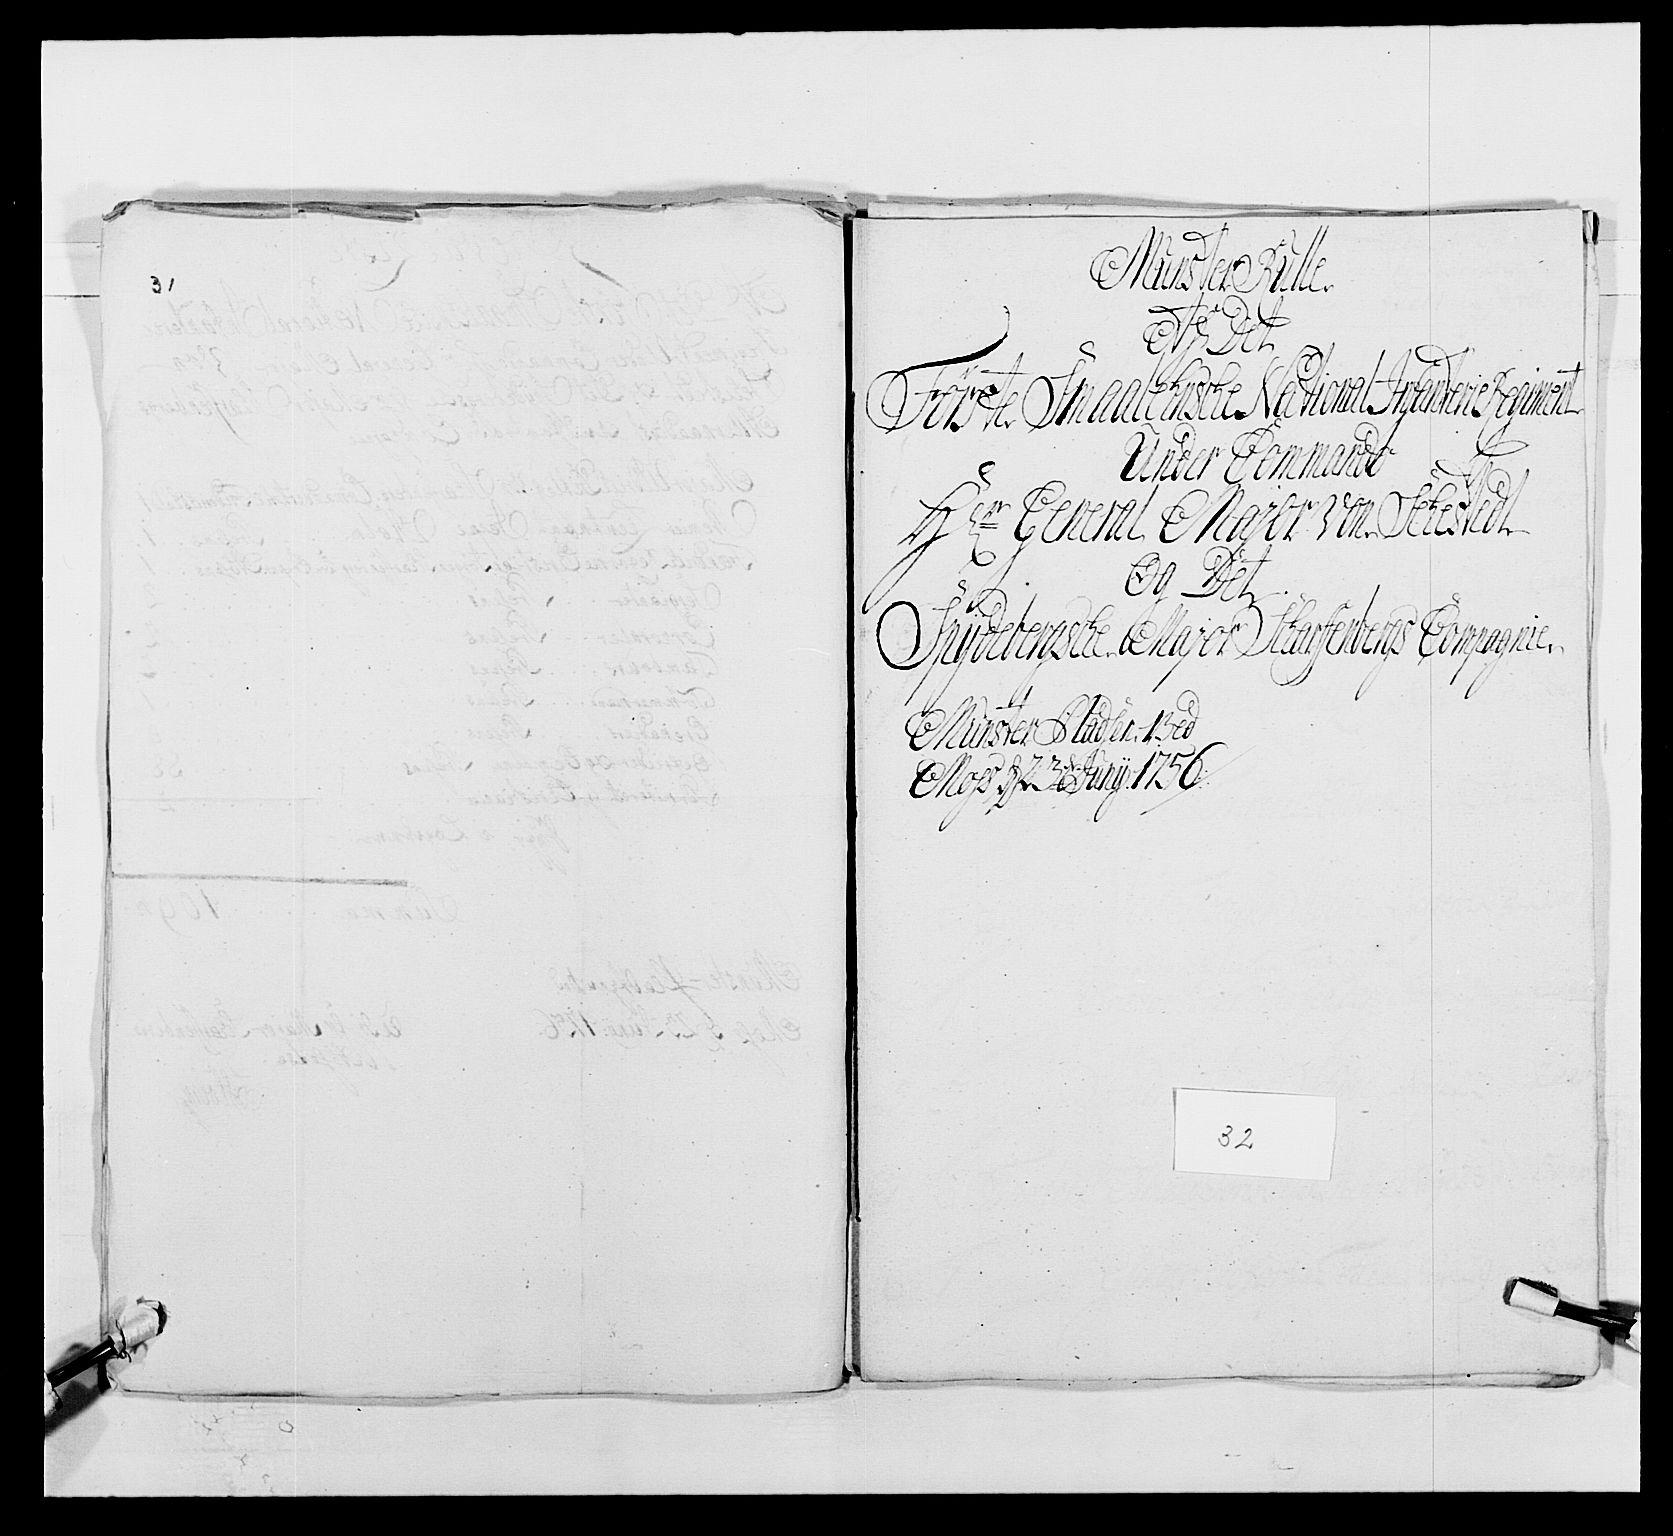 RA, Kommanderende general (KG I) med Det norske krigsdirektorium, E/Ea/L0495: 1. Smålenske regiment, 1732-1763, s. 480